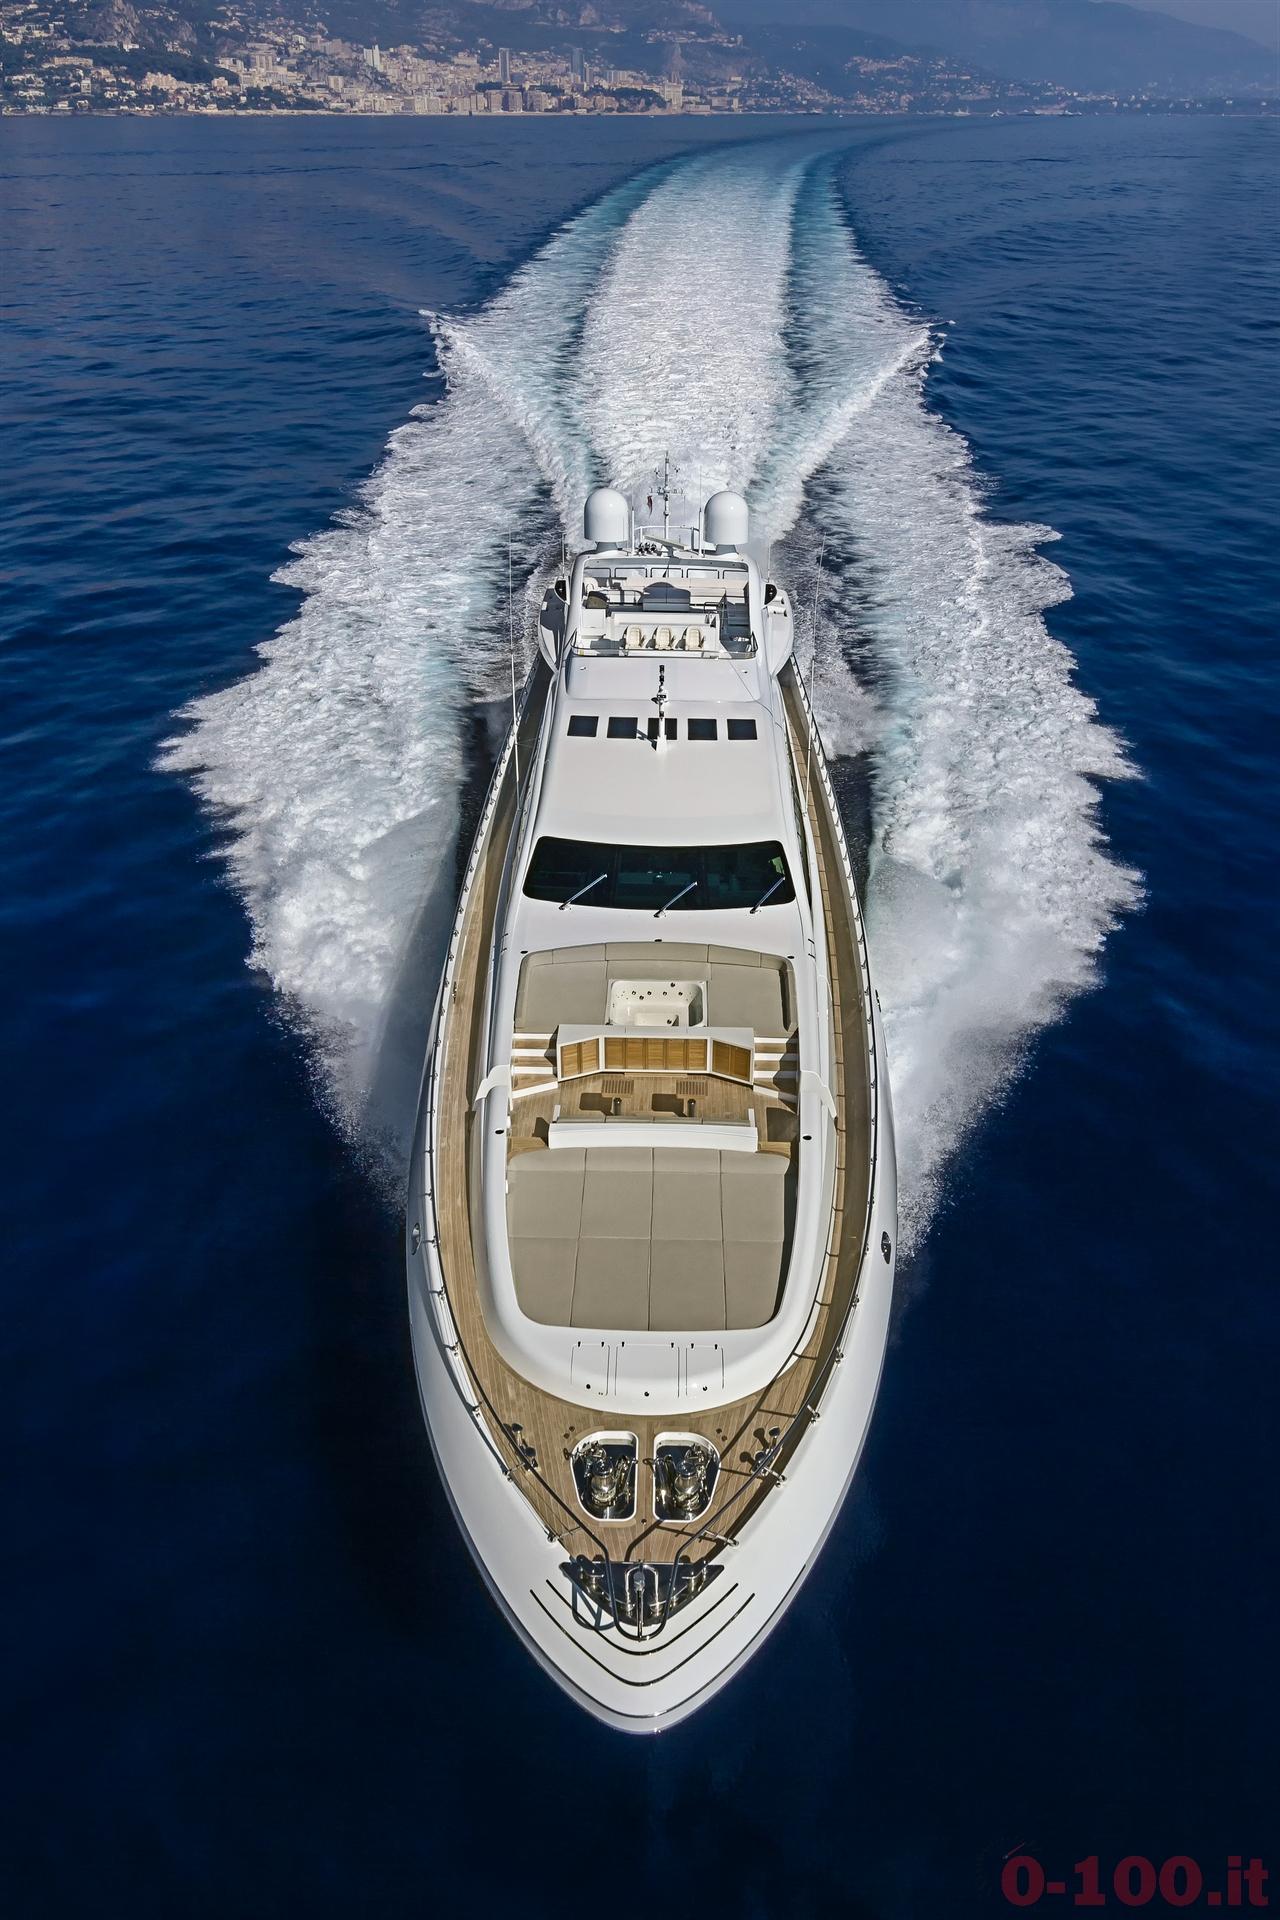 premio-barca-dellanno-superyacht-year-award-2014-maxi-open-mangusta-165-e-0-100_38